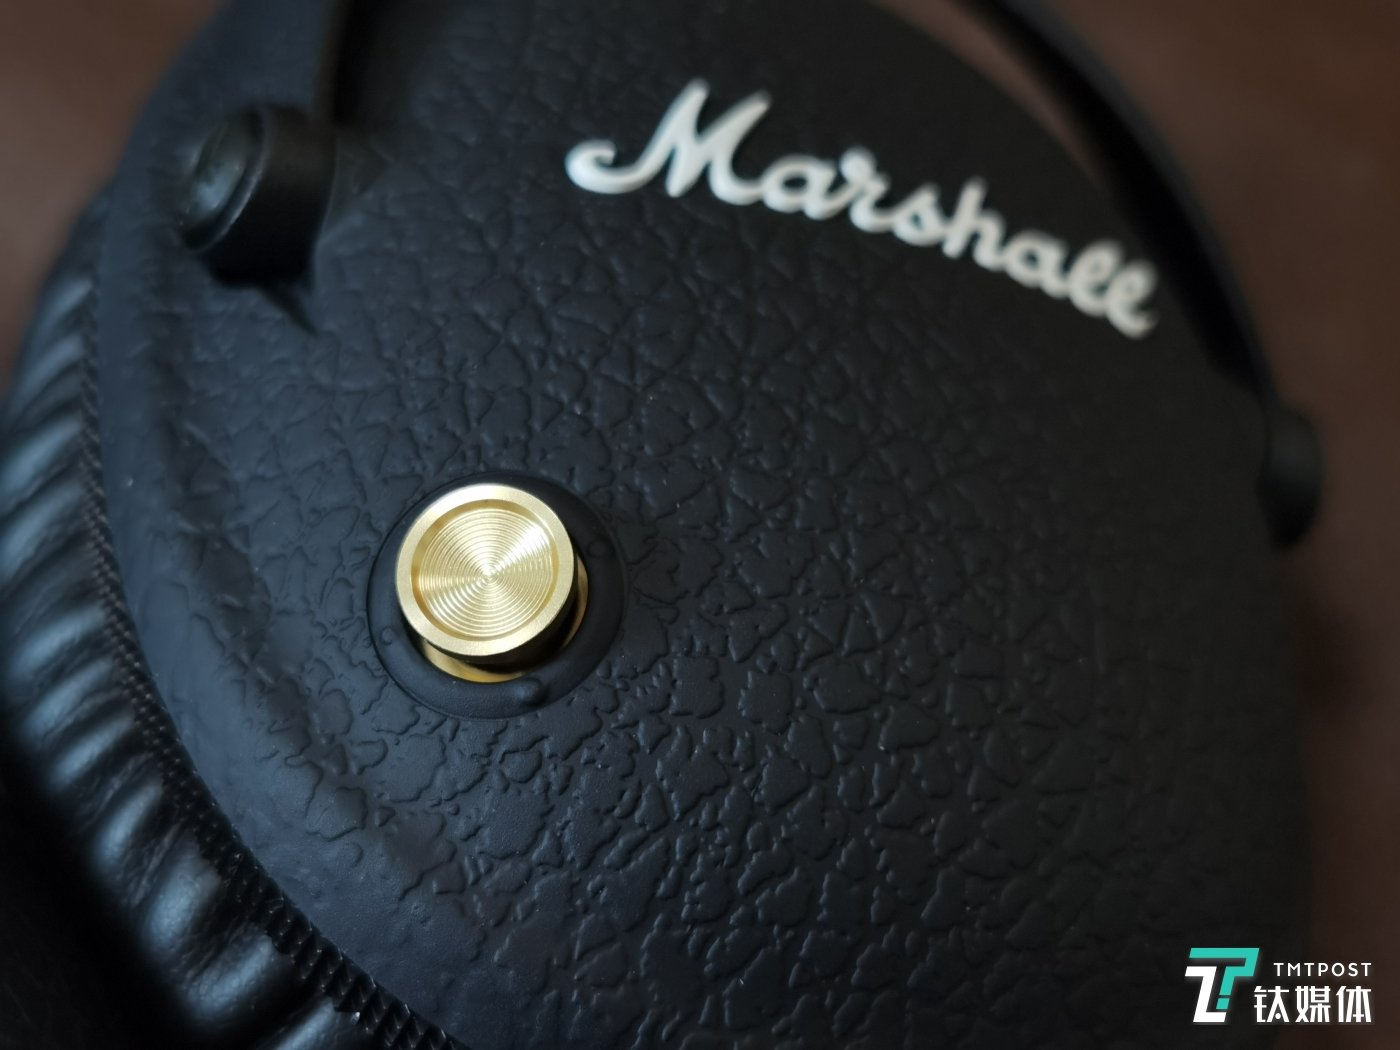 这颗黄铜按钮是标志性特色之一